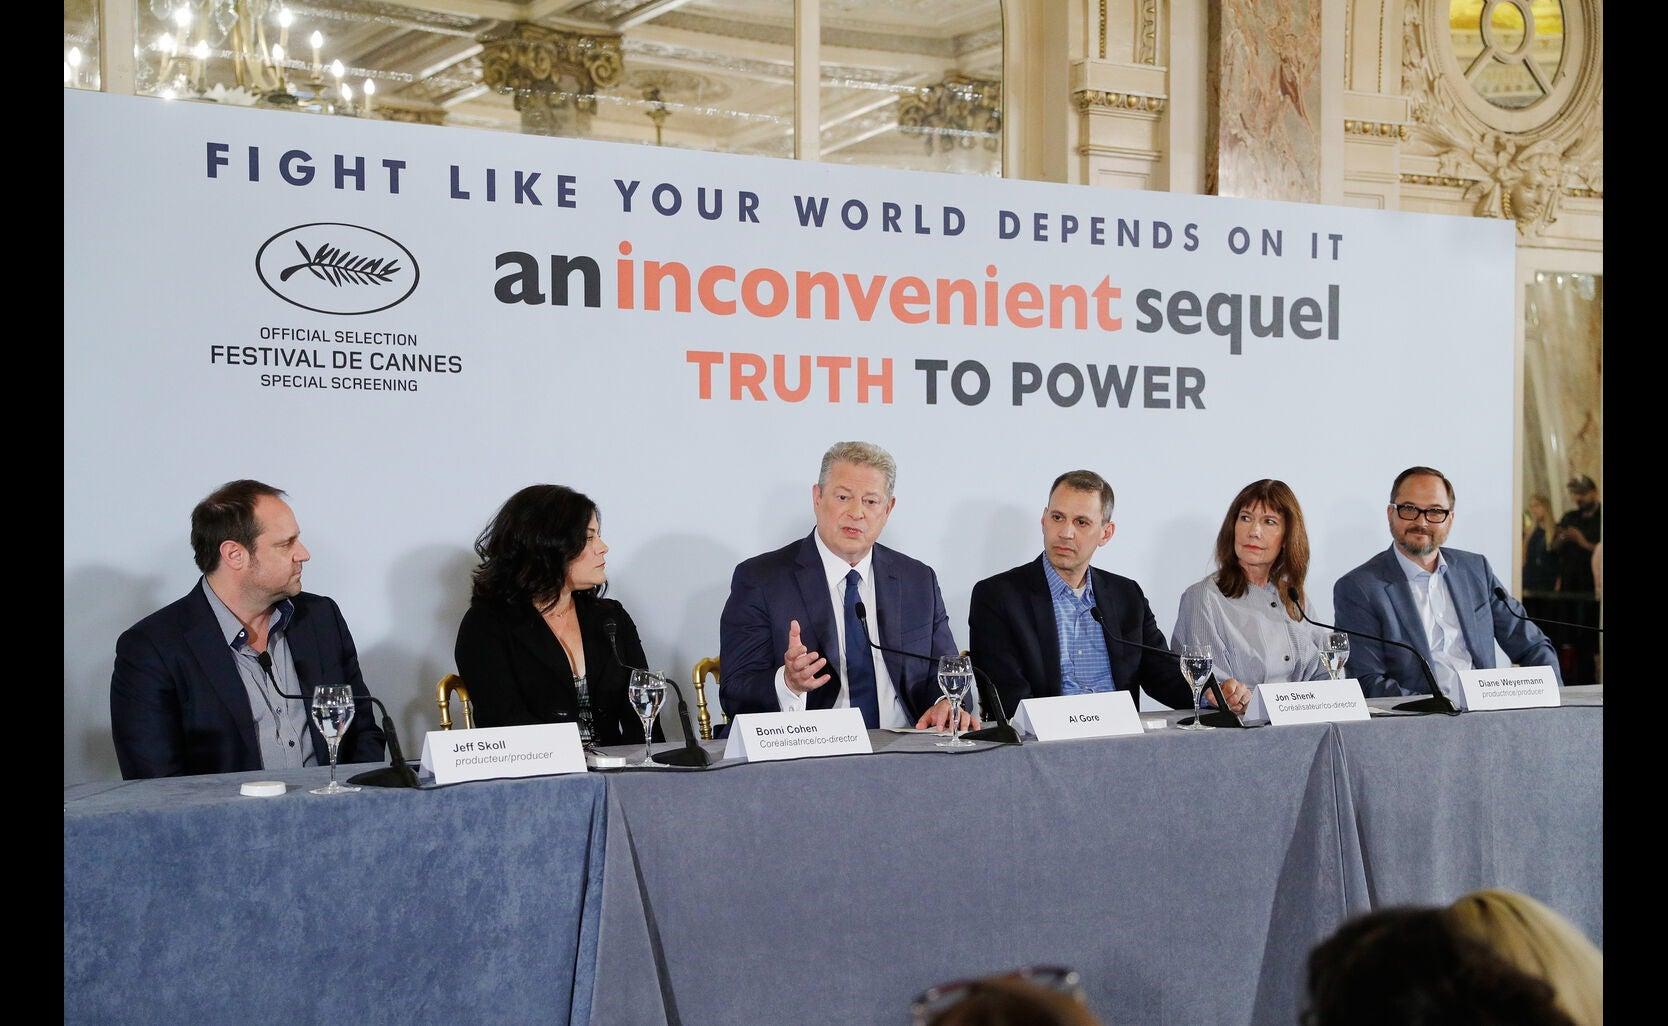 Jeffrey Skoll, Bonni Cohen, Al Gore, Jon Shenk, Diane Weyermann, and Richard Berge